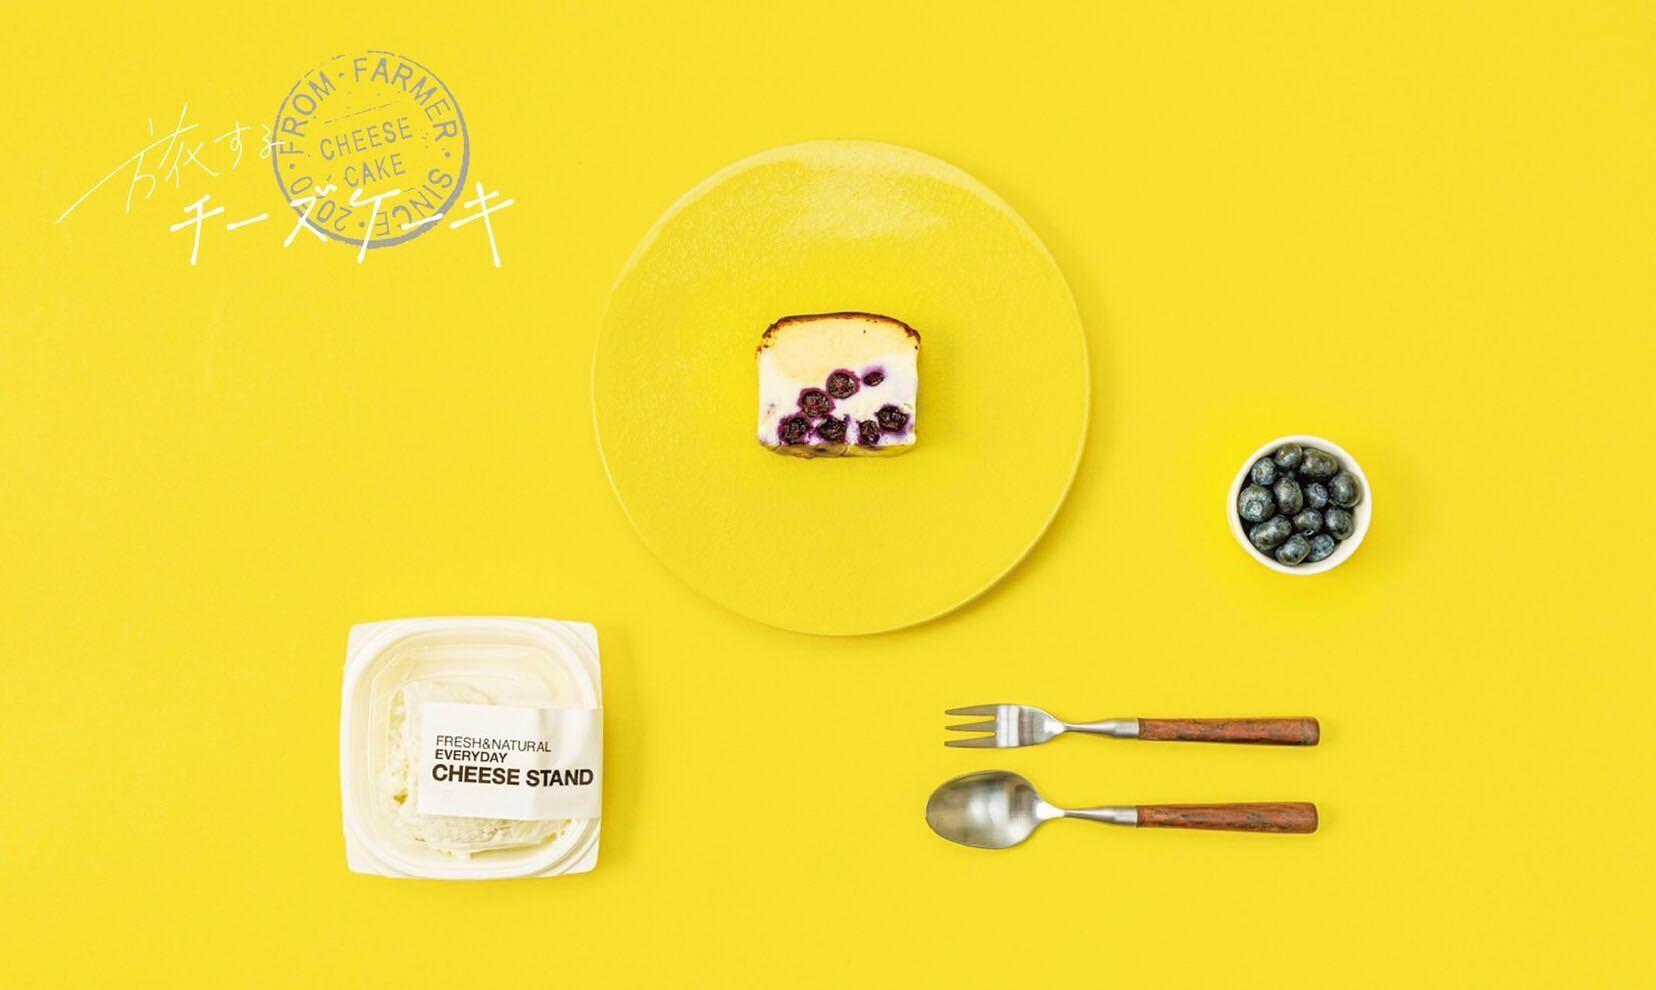 【店頭受け取り希望の方はこちらから】旅するチーズケーキ from つくばブルーベリーゆうファーム